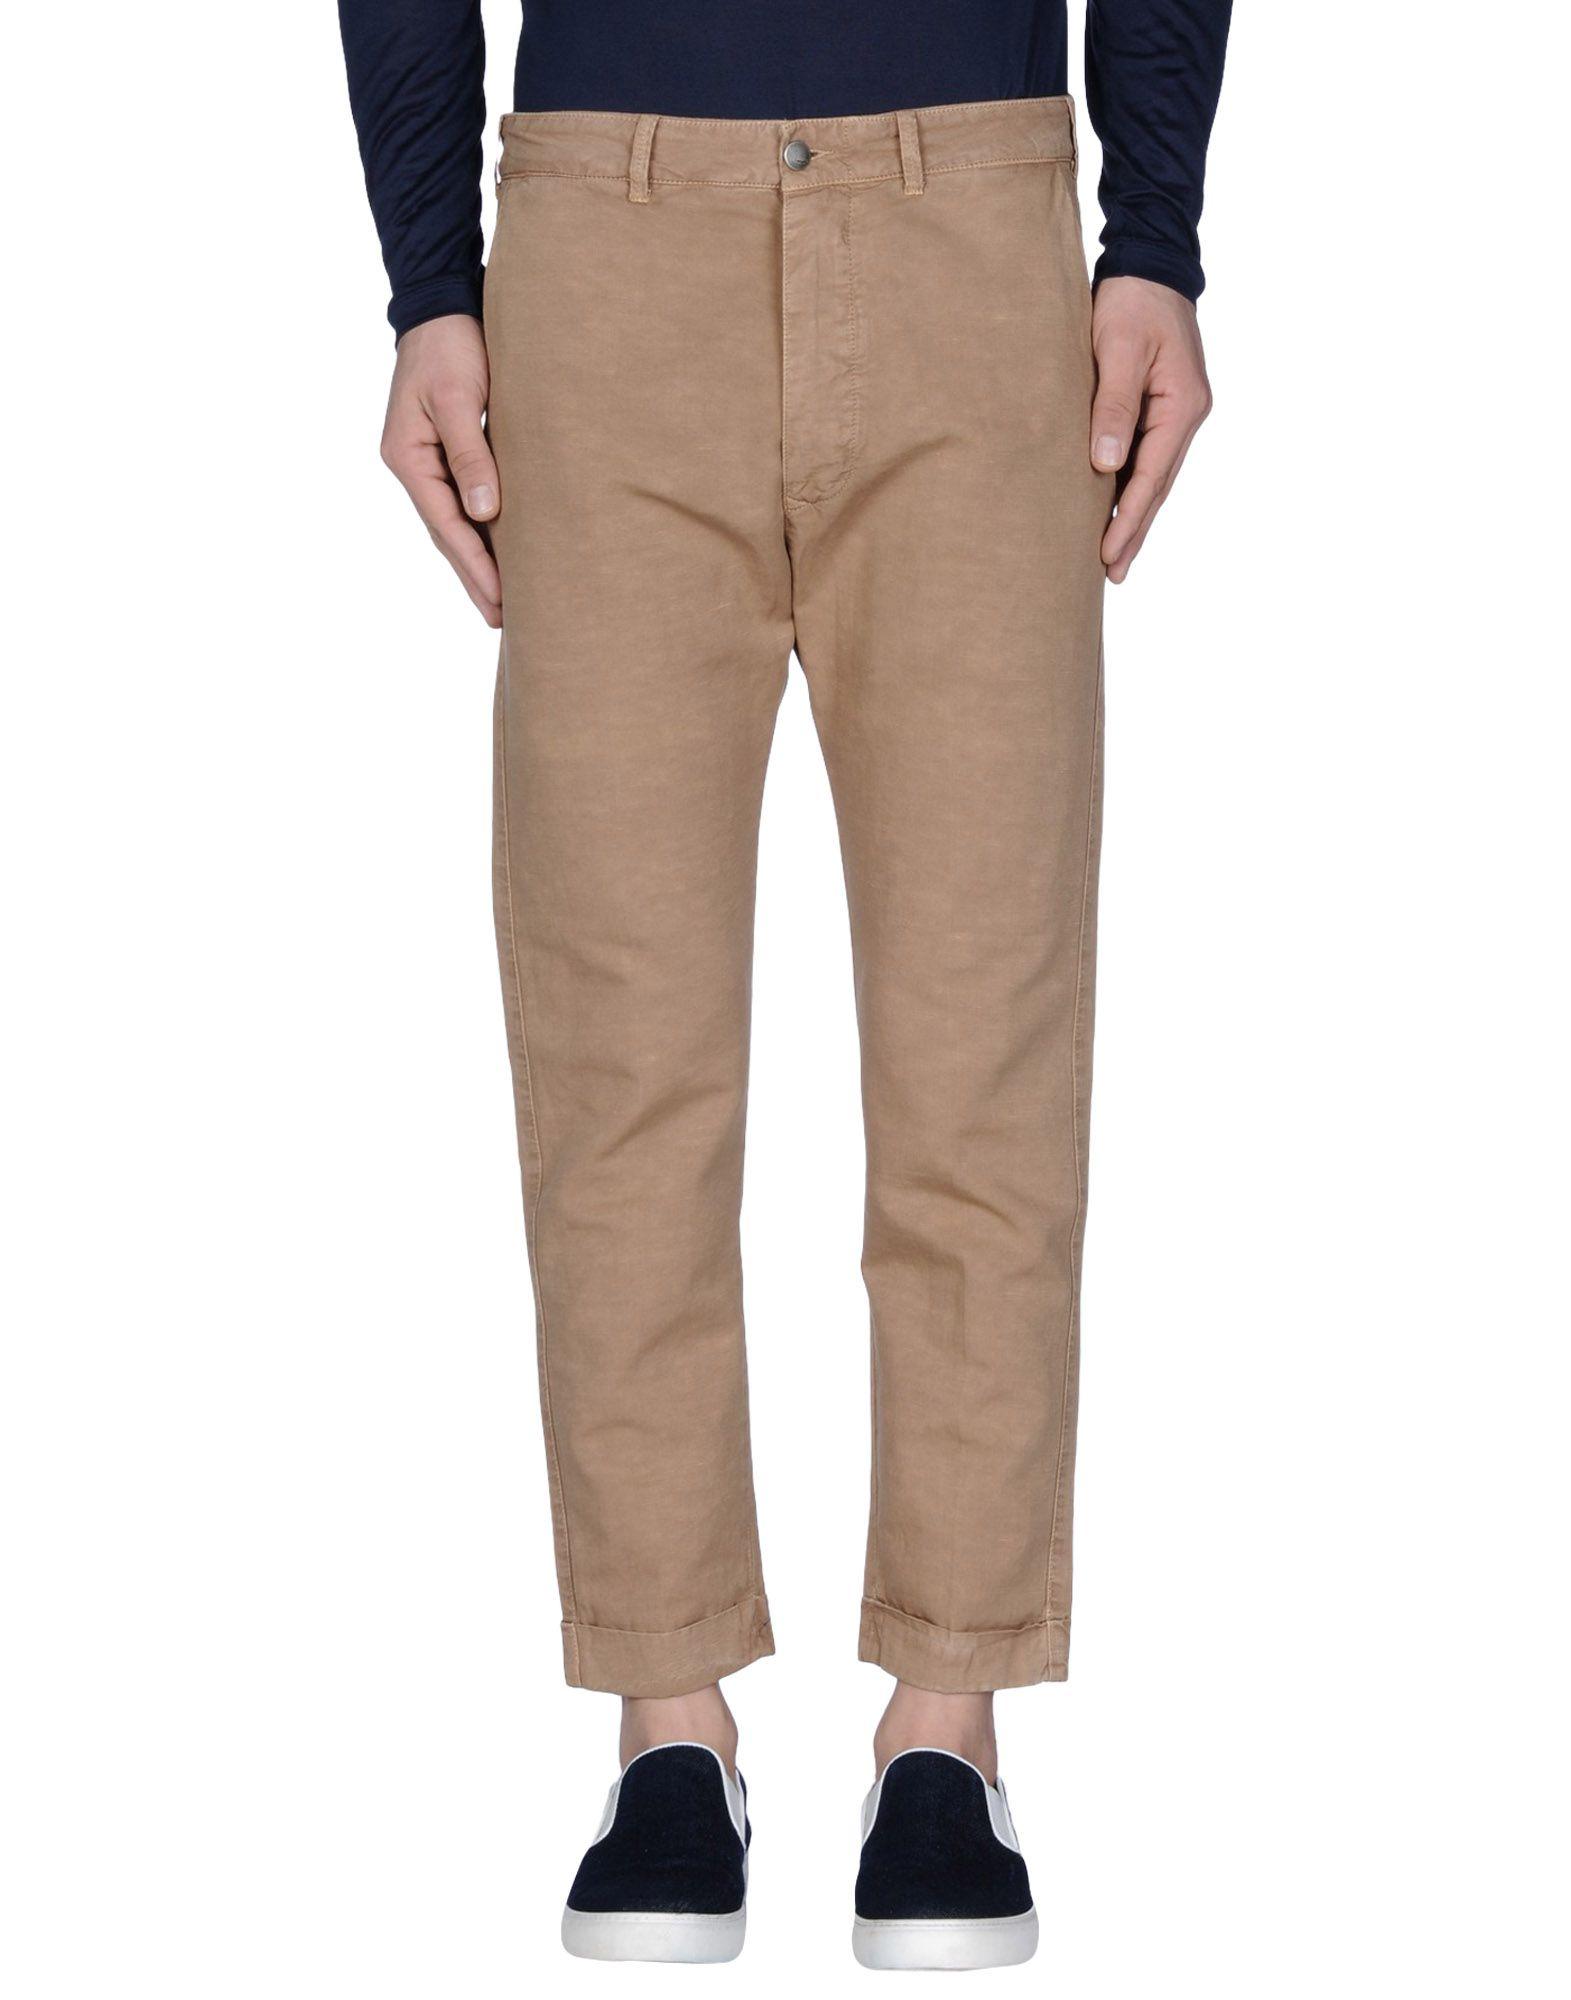 (+) PEOPLE Повседневные брюки брюки для беременных topshop 4 22